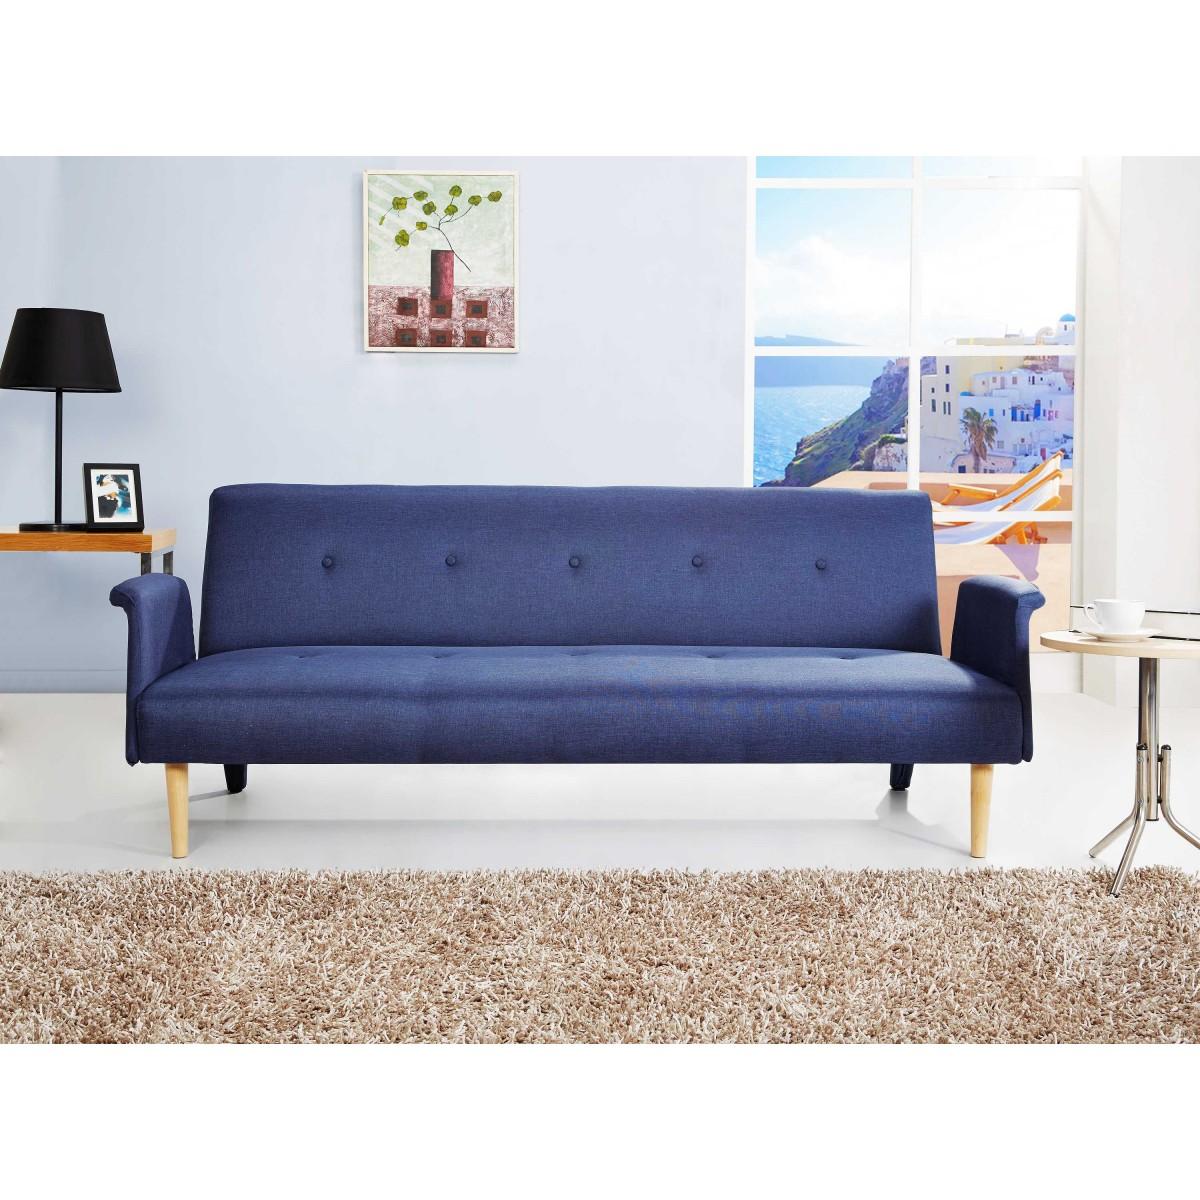 Rebajas en decoraci n buenas compras que puedes hacer for Cuanto vale un sofa cama